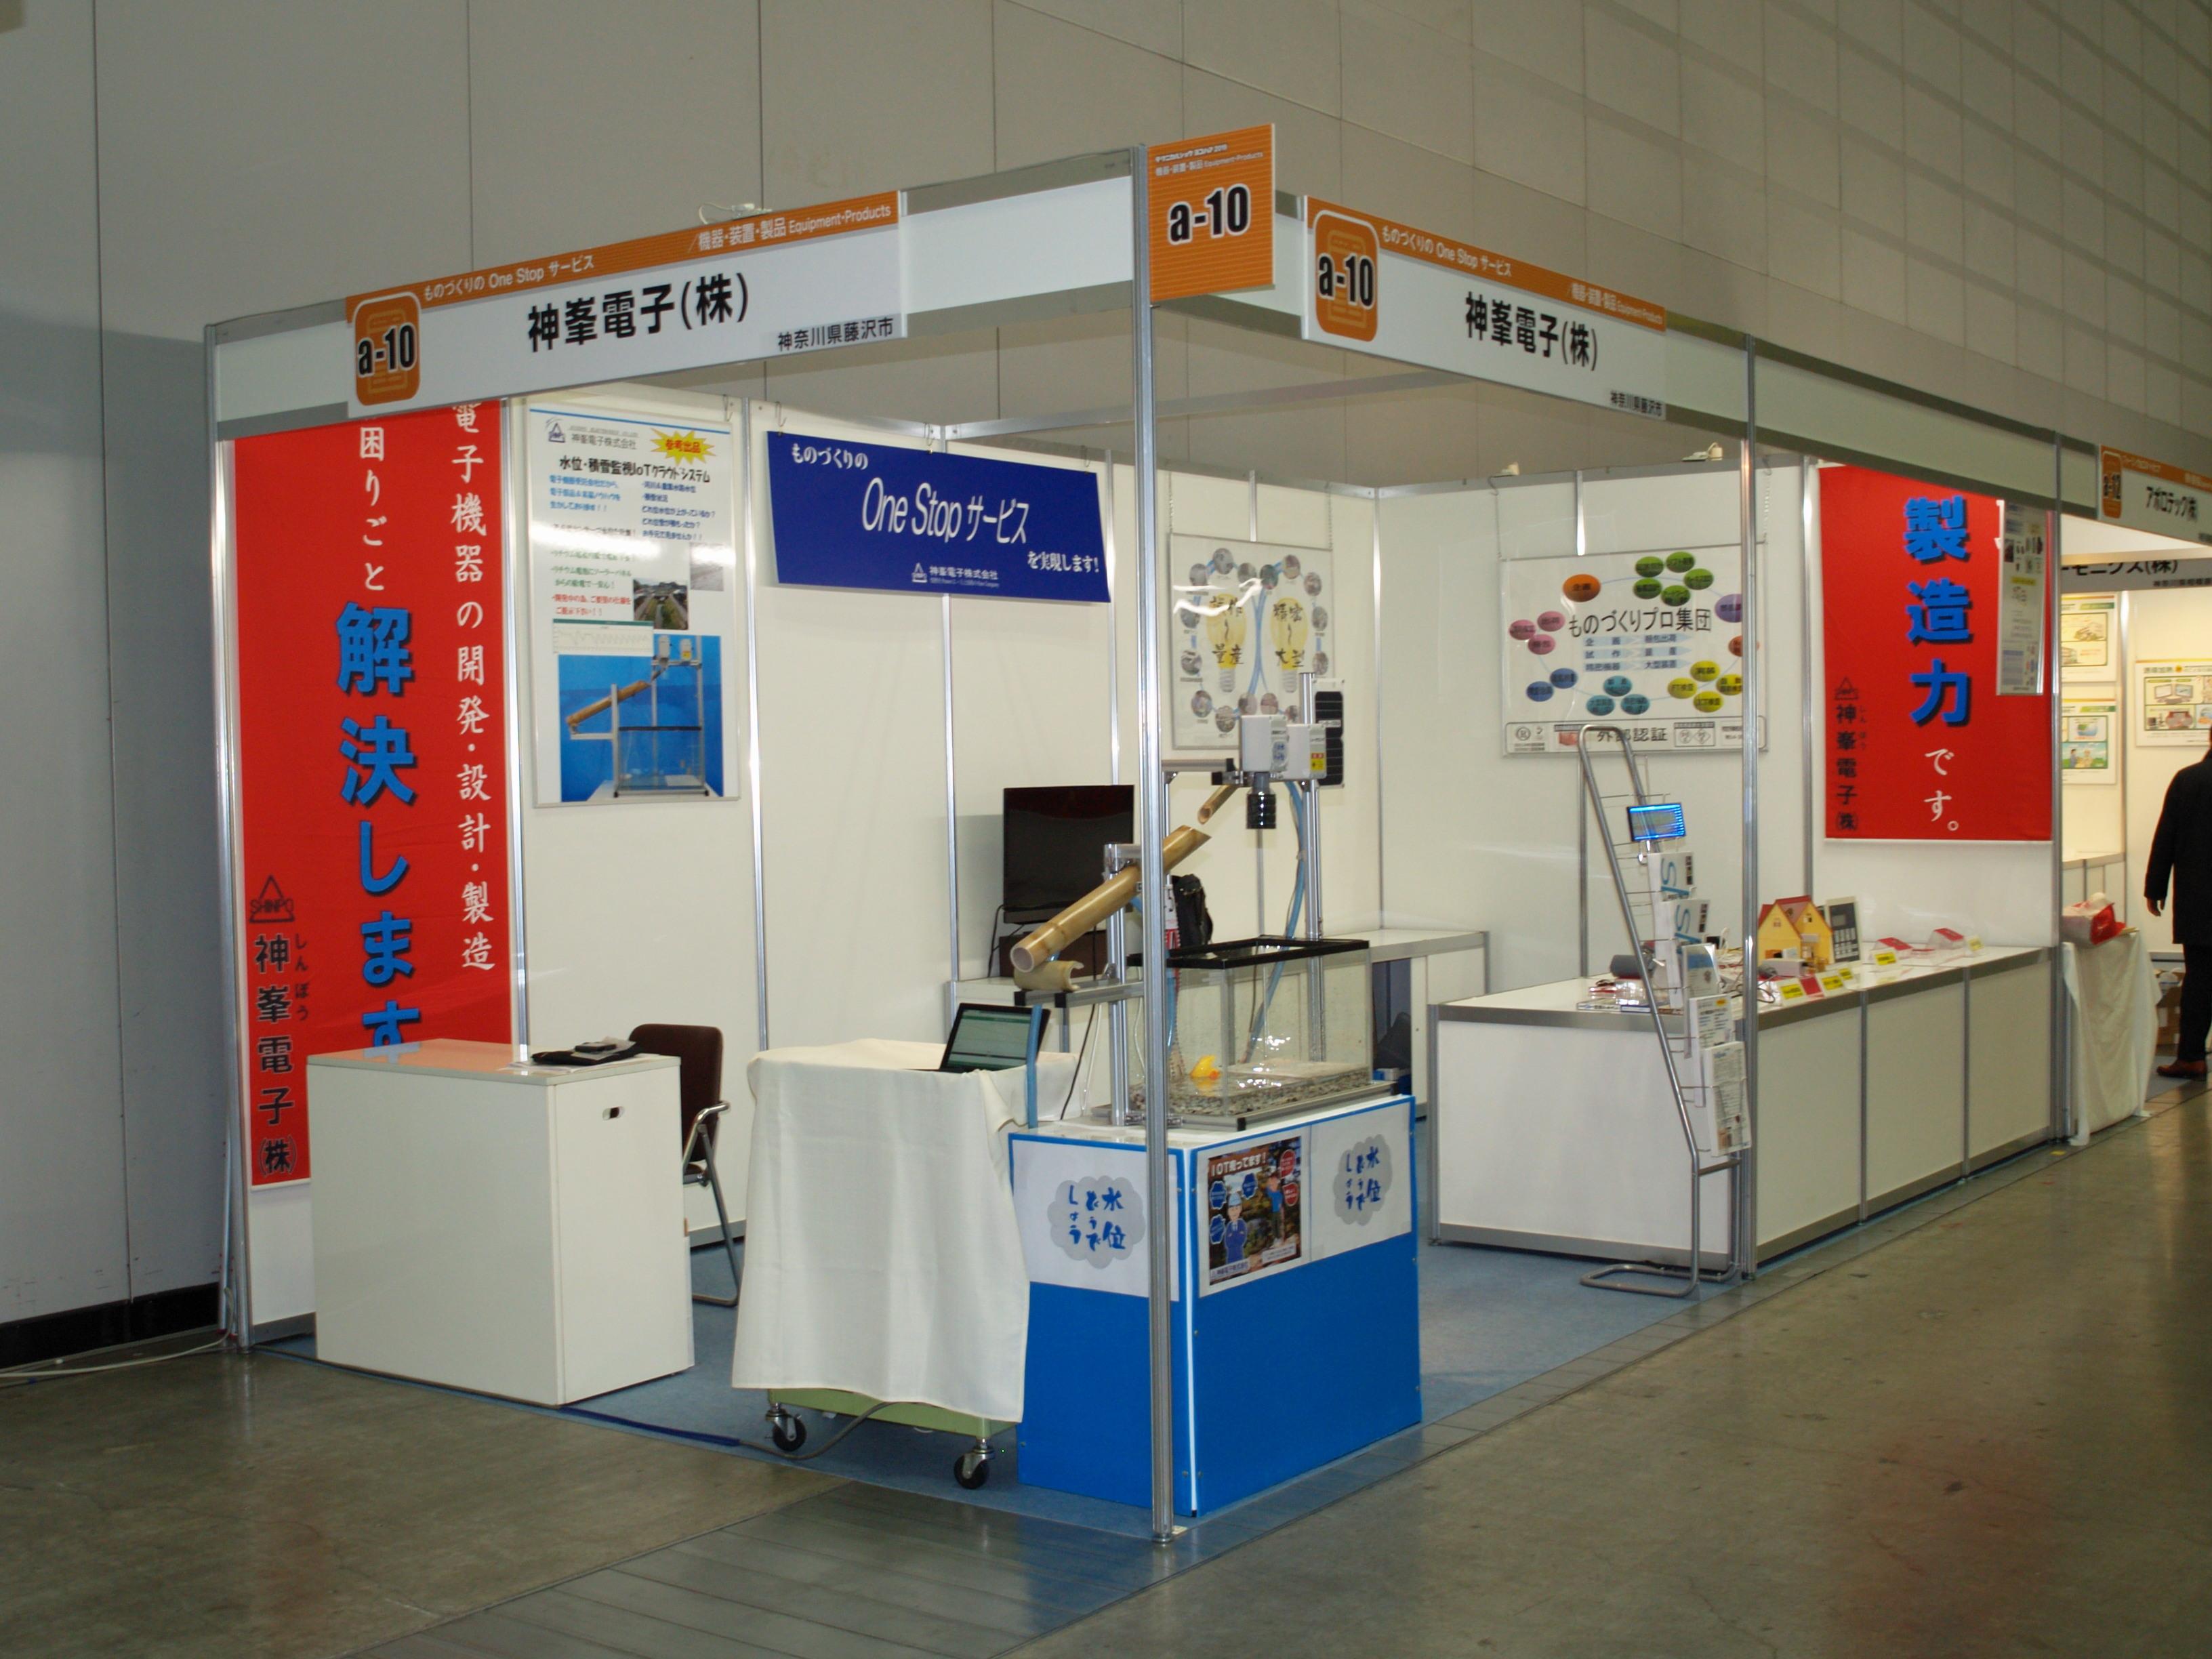 2月6日より開催の第40回工業技術見本市「テクニカルショウヨコハマ2019」に出展します。